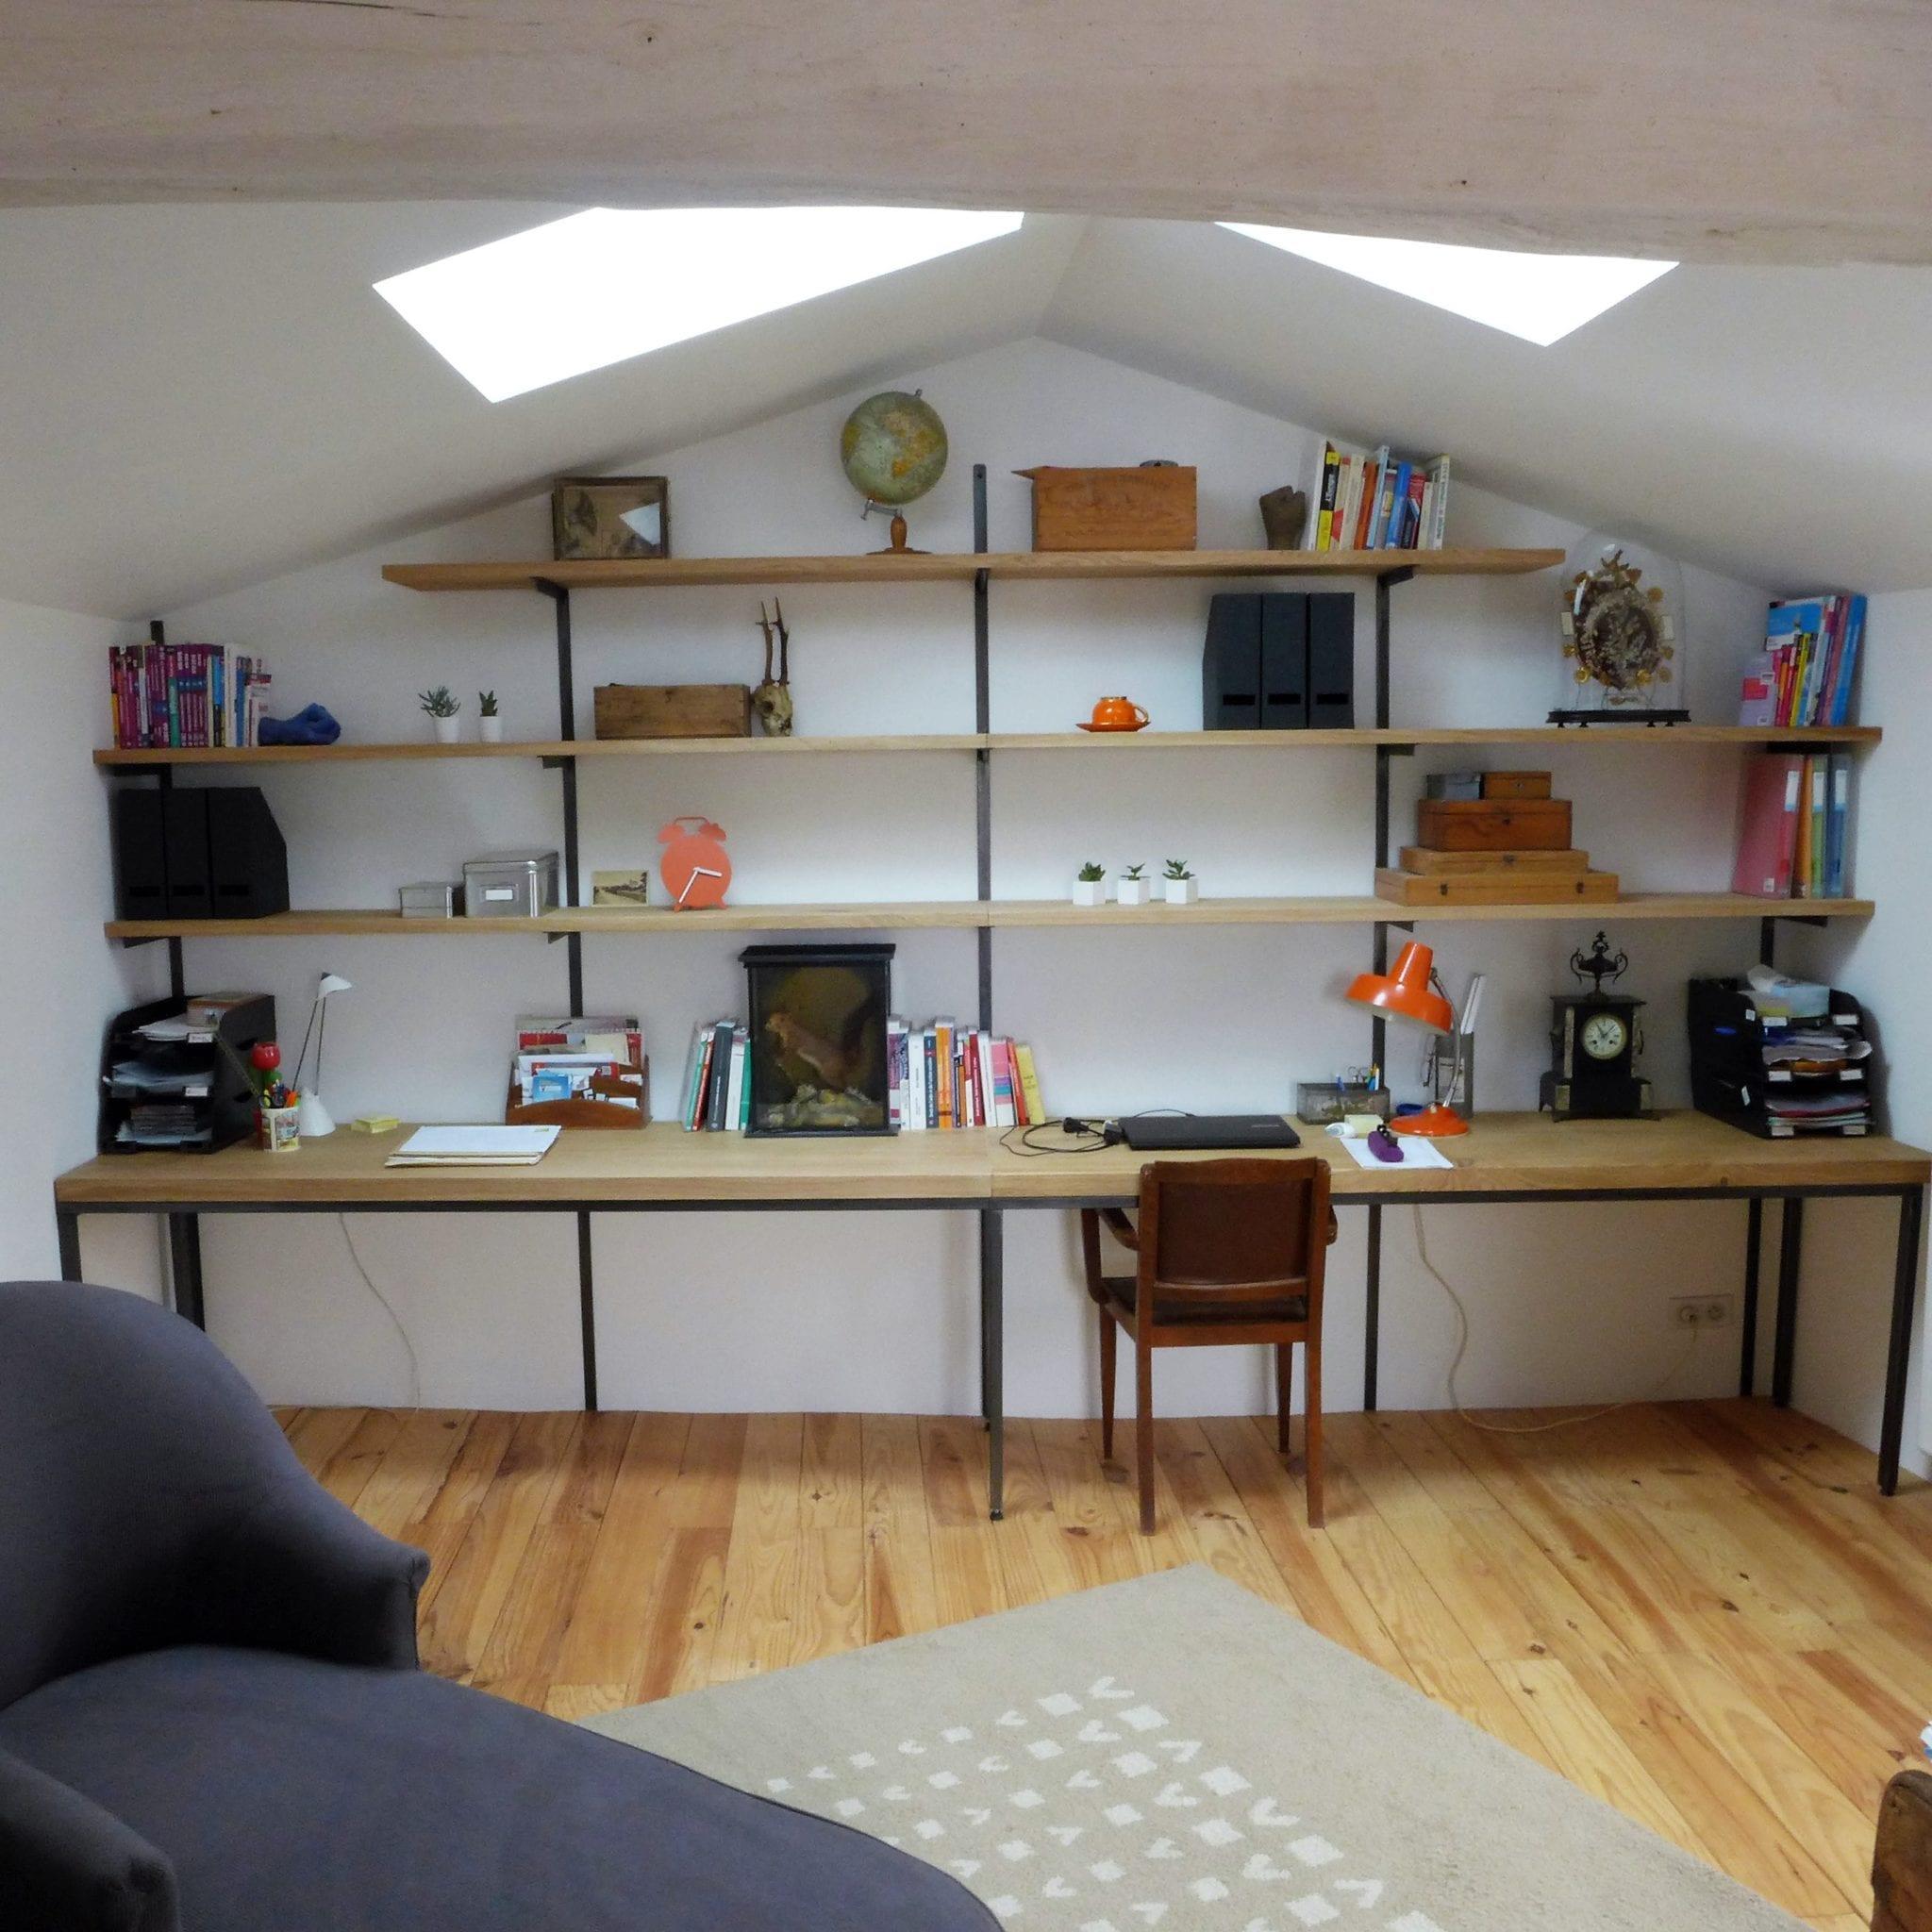 Bureau style industriel, supports d'étagères en acier et étagères en chêne